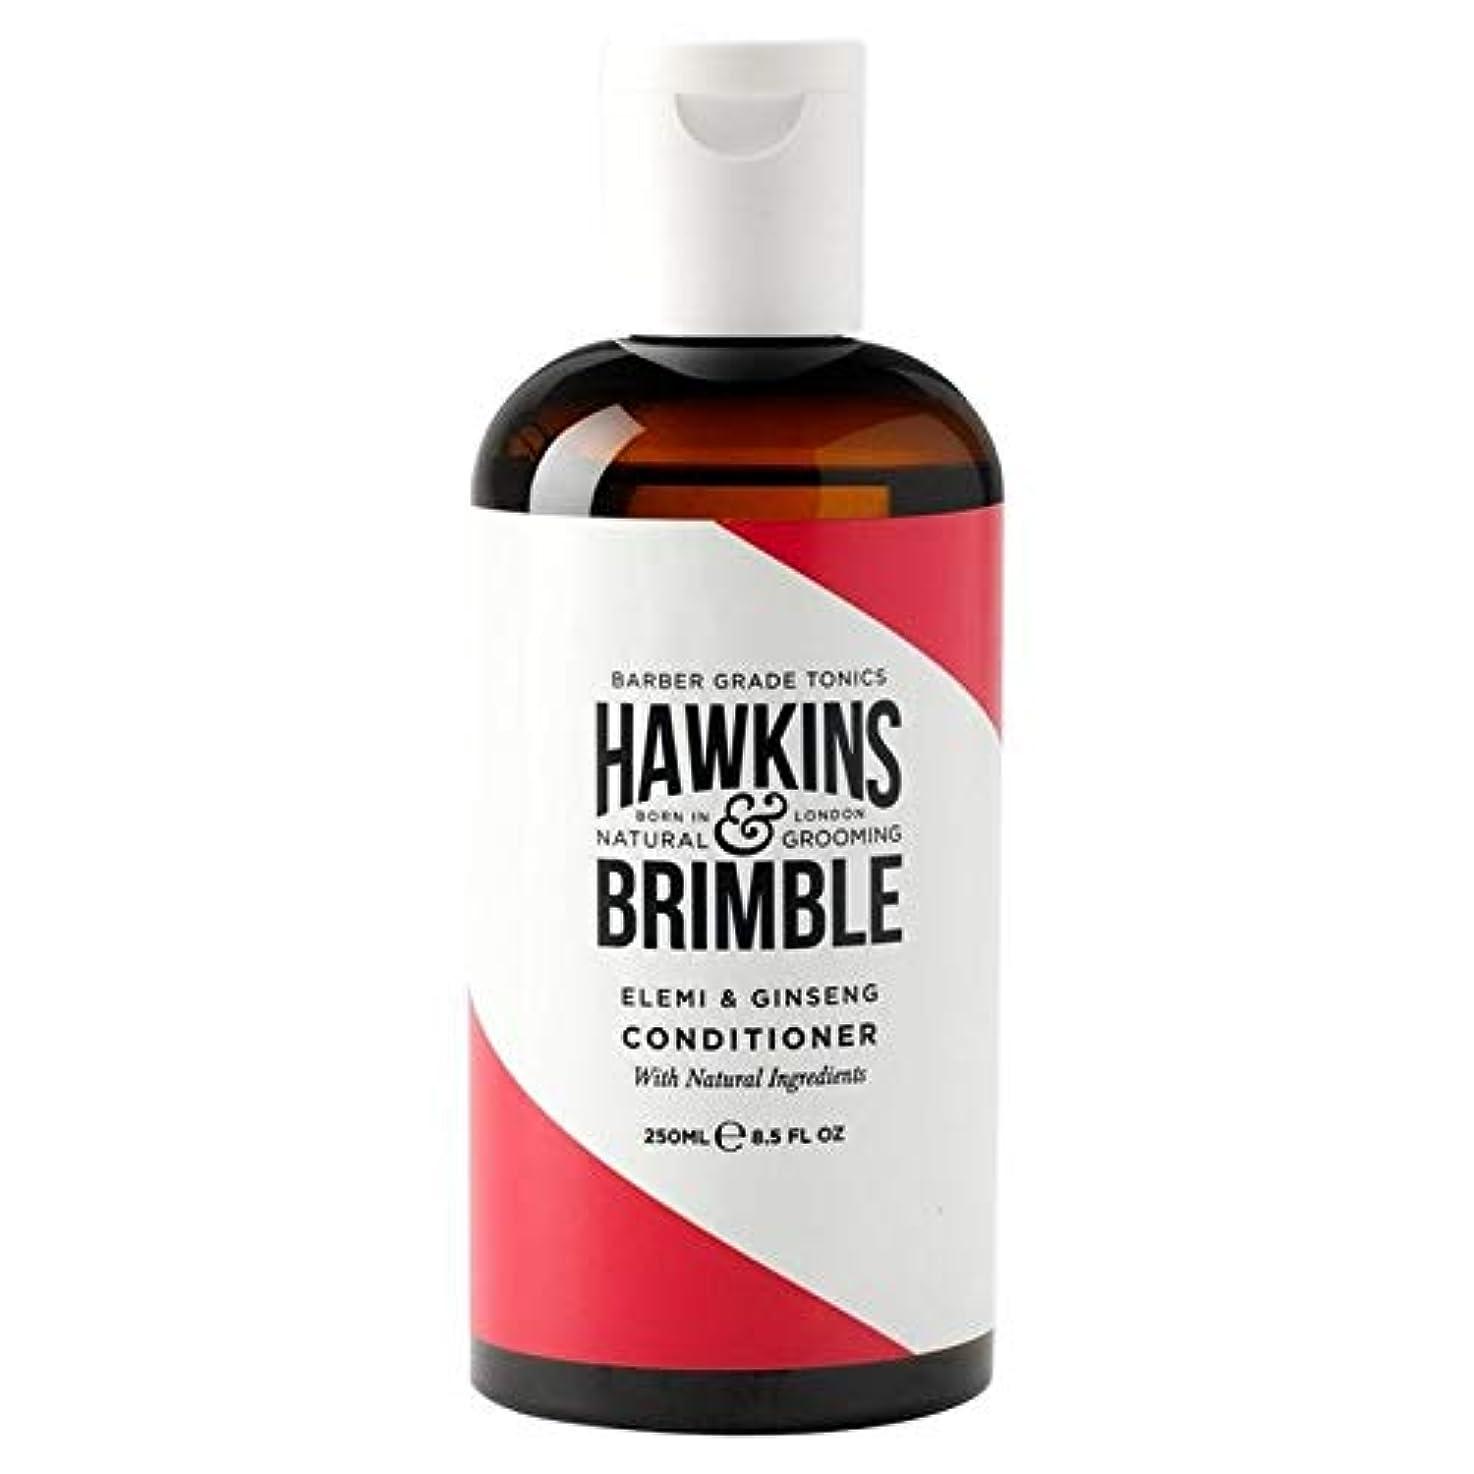 フェンス古代サスペンド[Hawkins & Brimble] ホーキンス&Brimbleナチュラルコンディショナー250Ml - Hawkins & Brimble Natural Conditioner 250ml [並行輸入品]